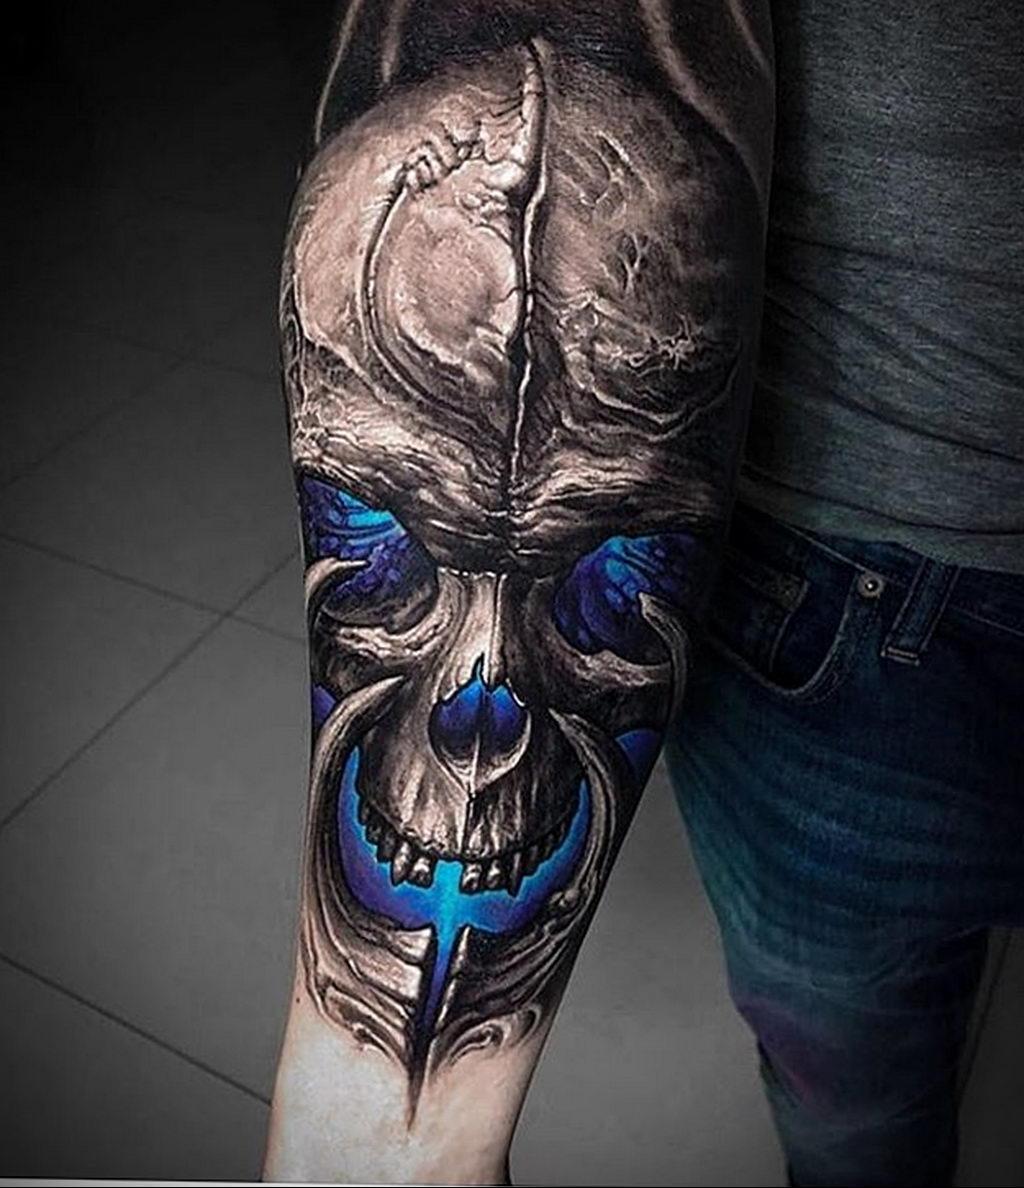 Тату череп в стиле реализм который светится голубым светом – tatufoto.com